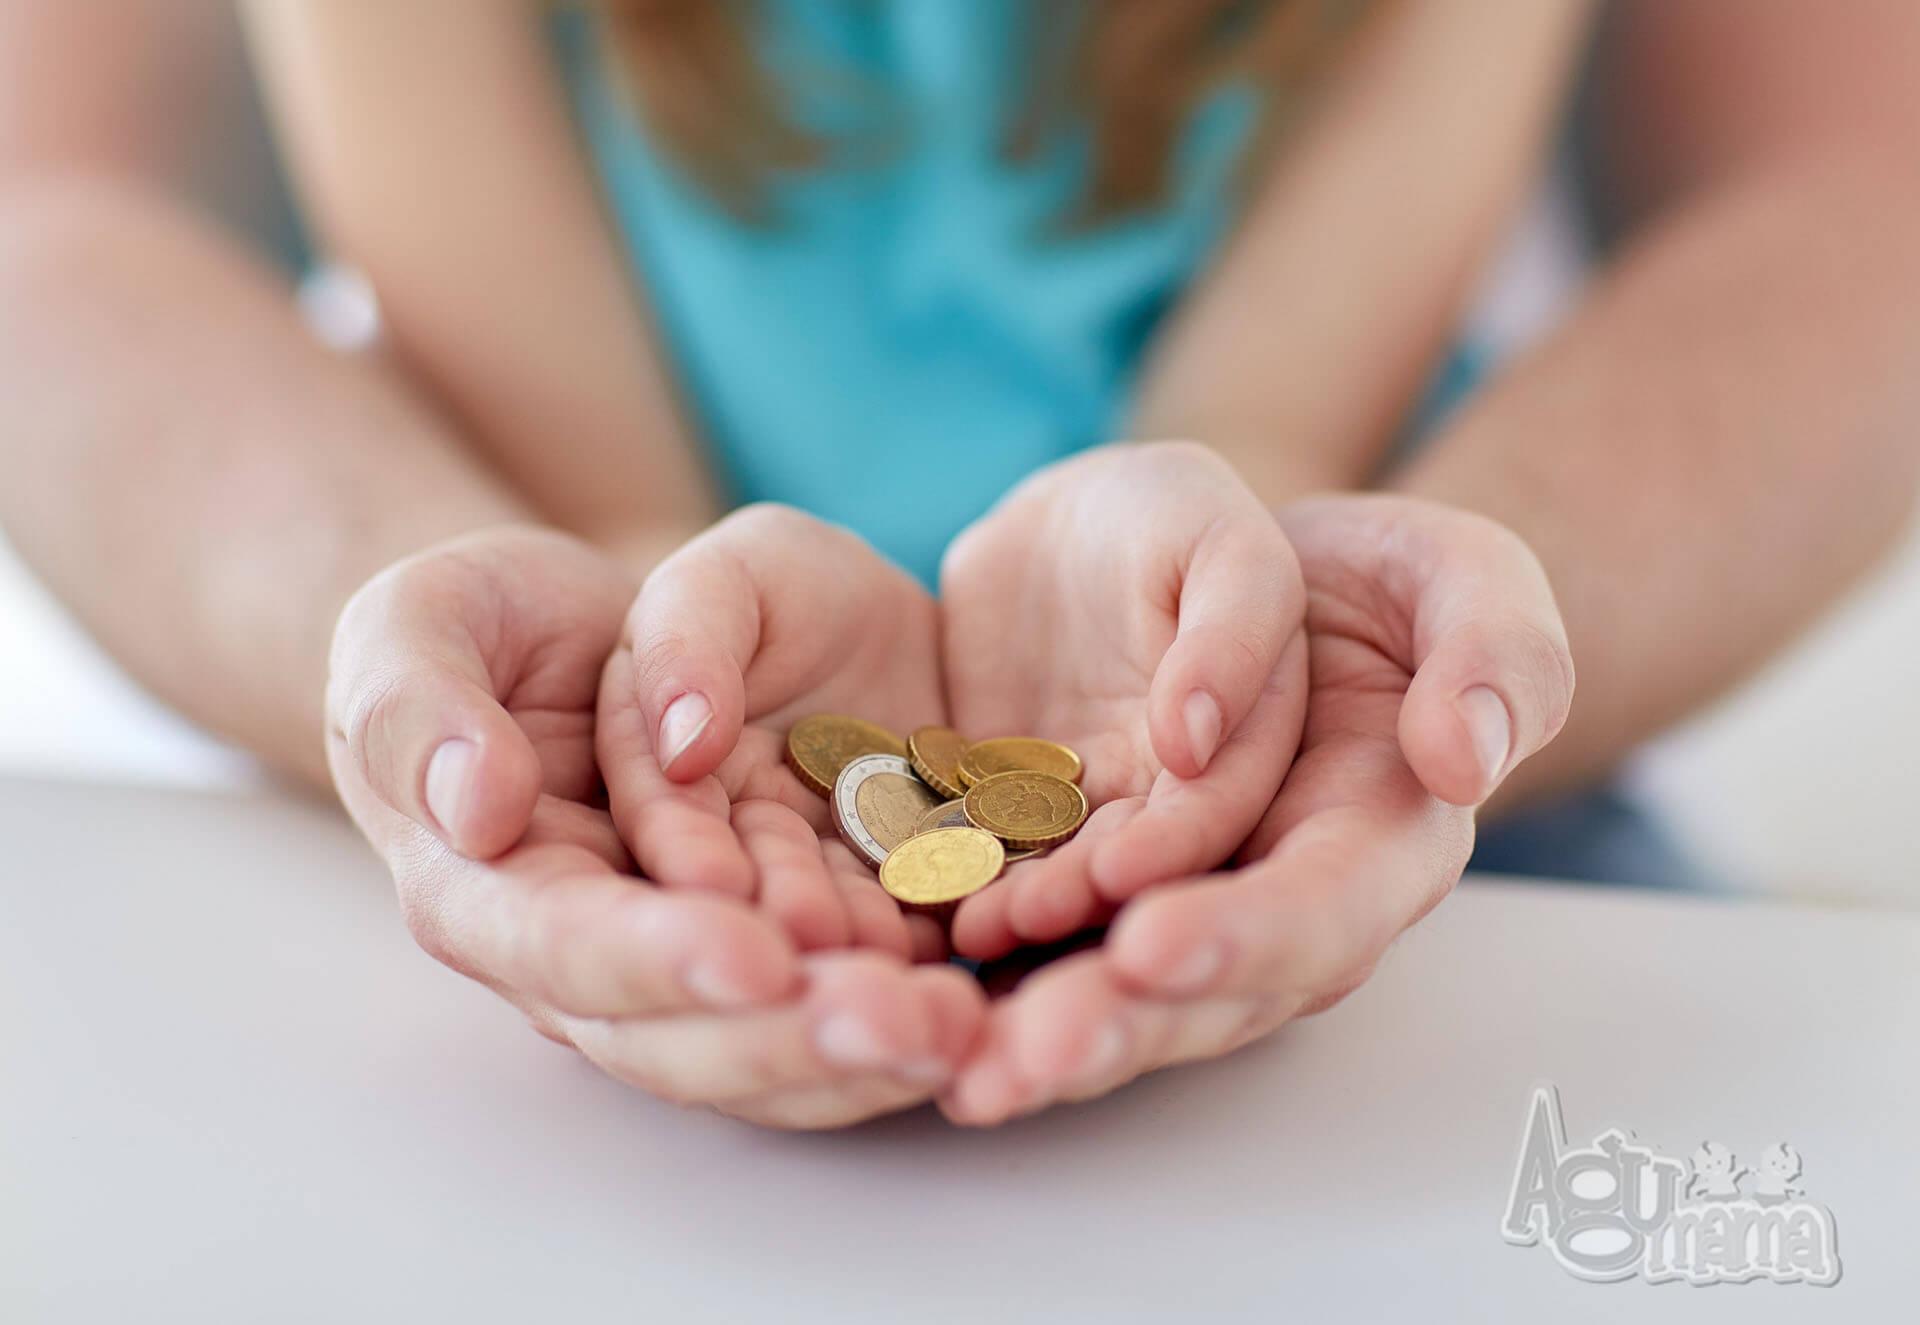 Agumama - jak rozmawiać z dzieckiem o pieniądzach